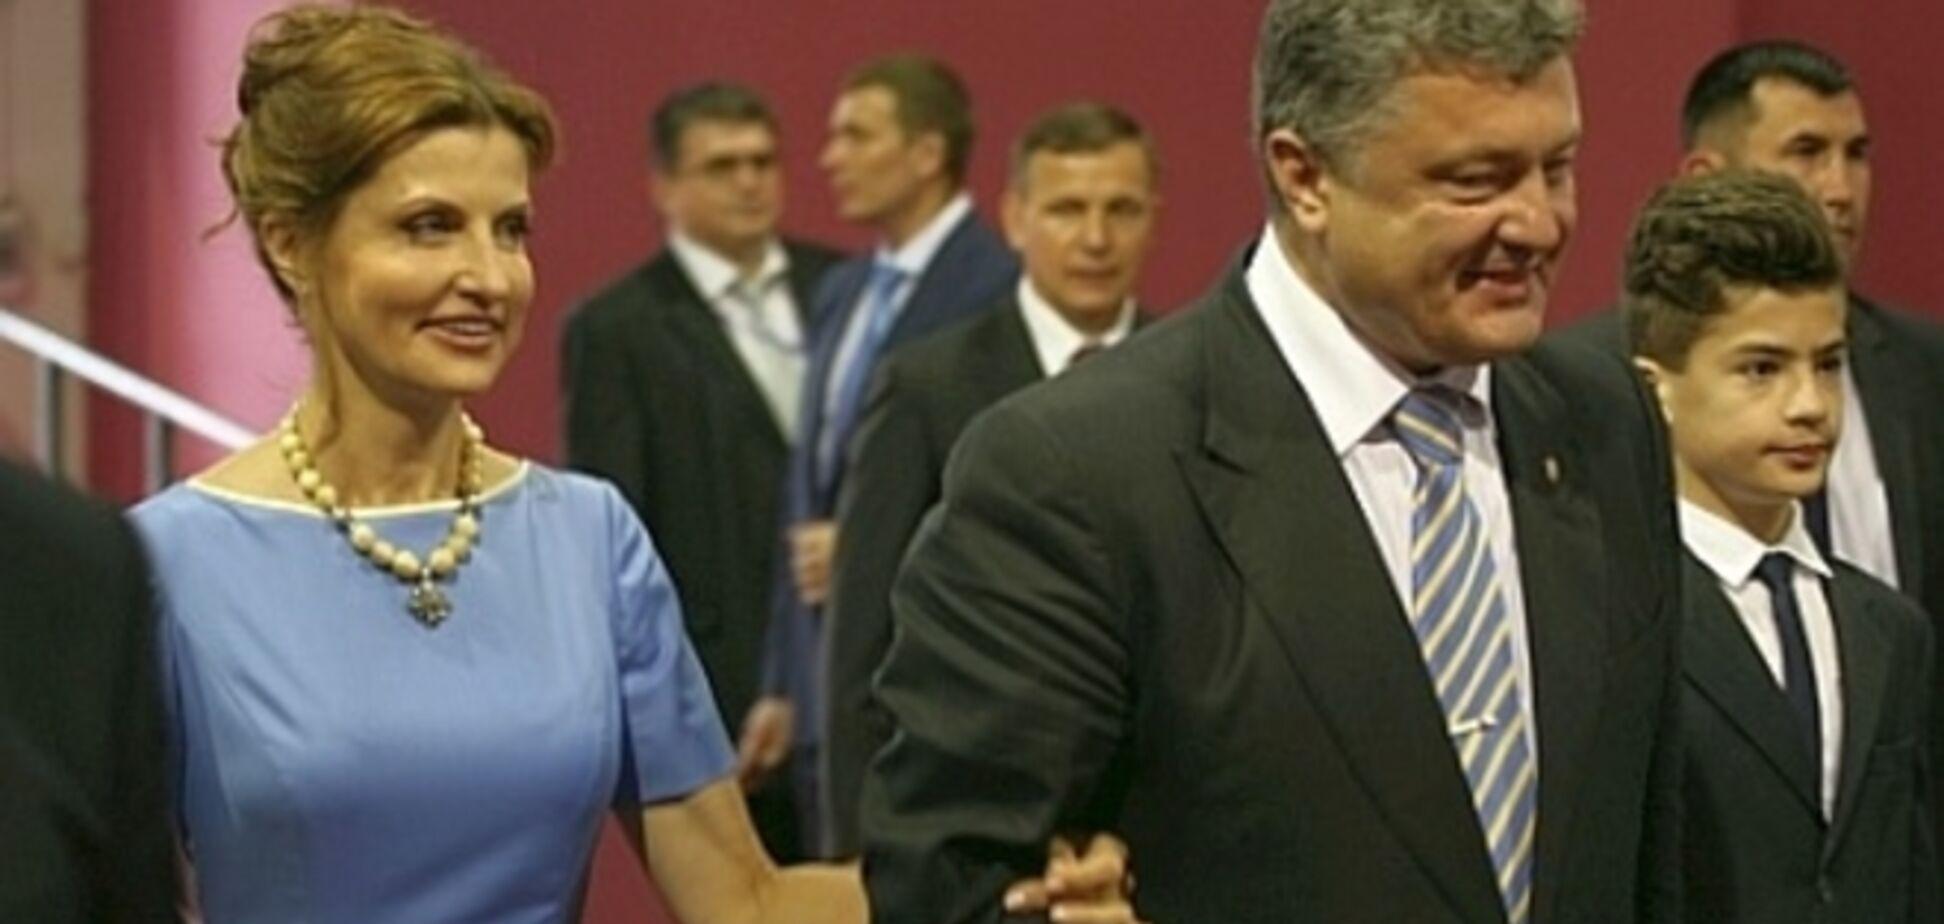 Жена Порошенко пришла на инаугурацию супруга в колье из старинного камня